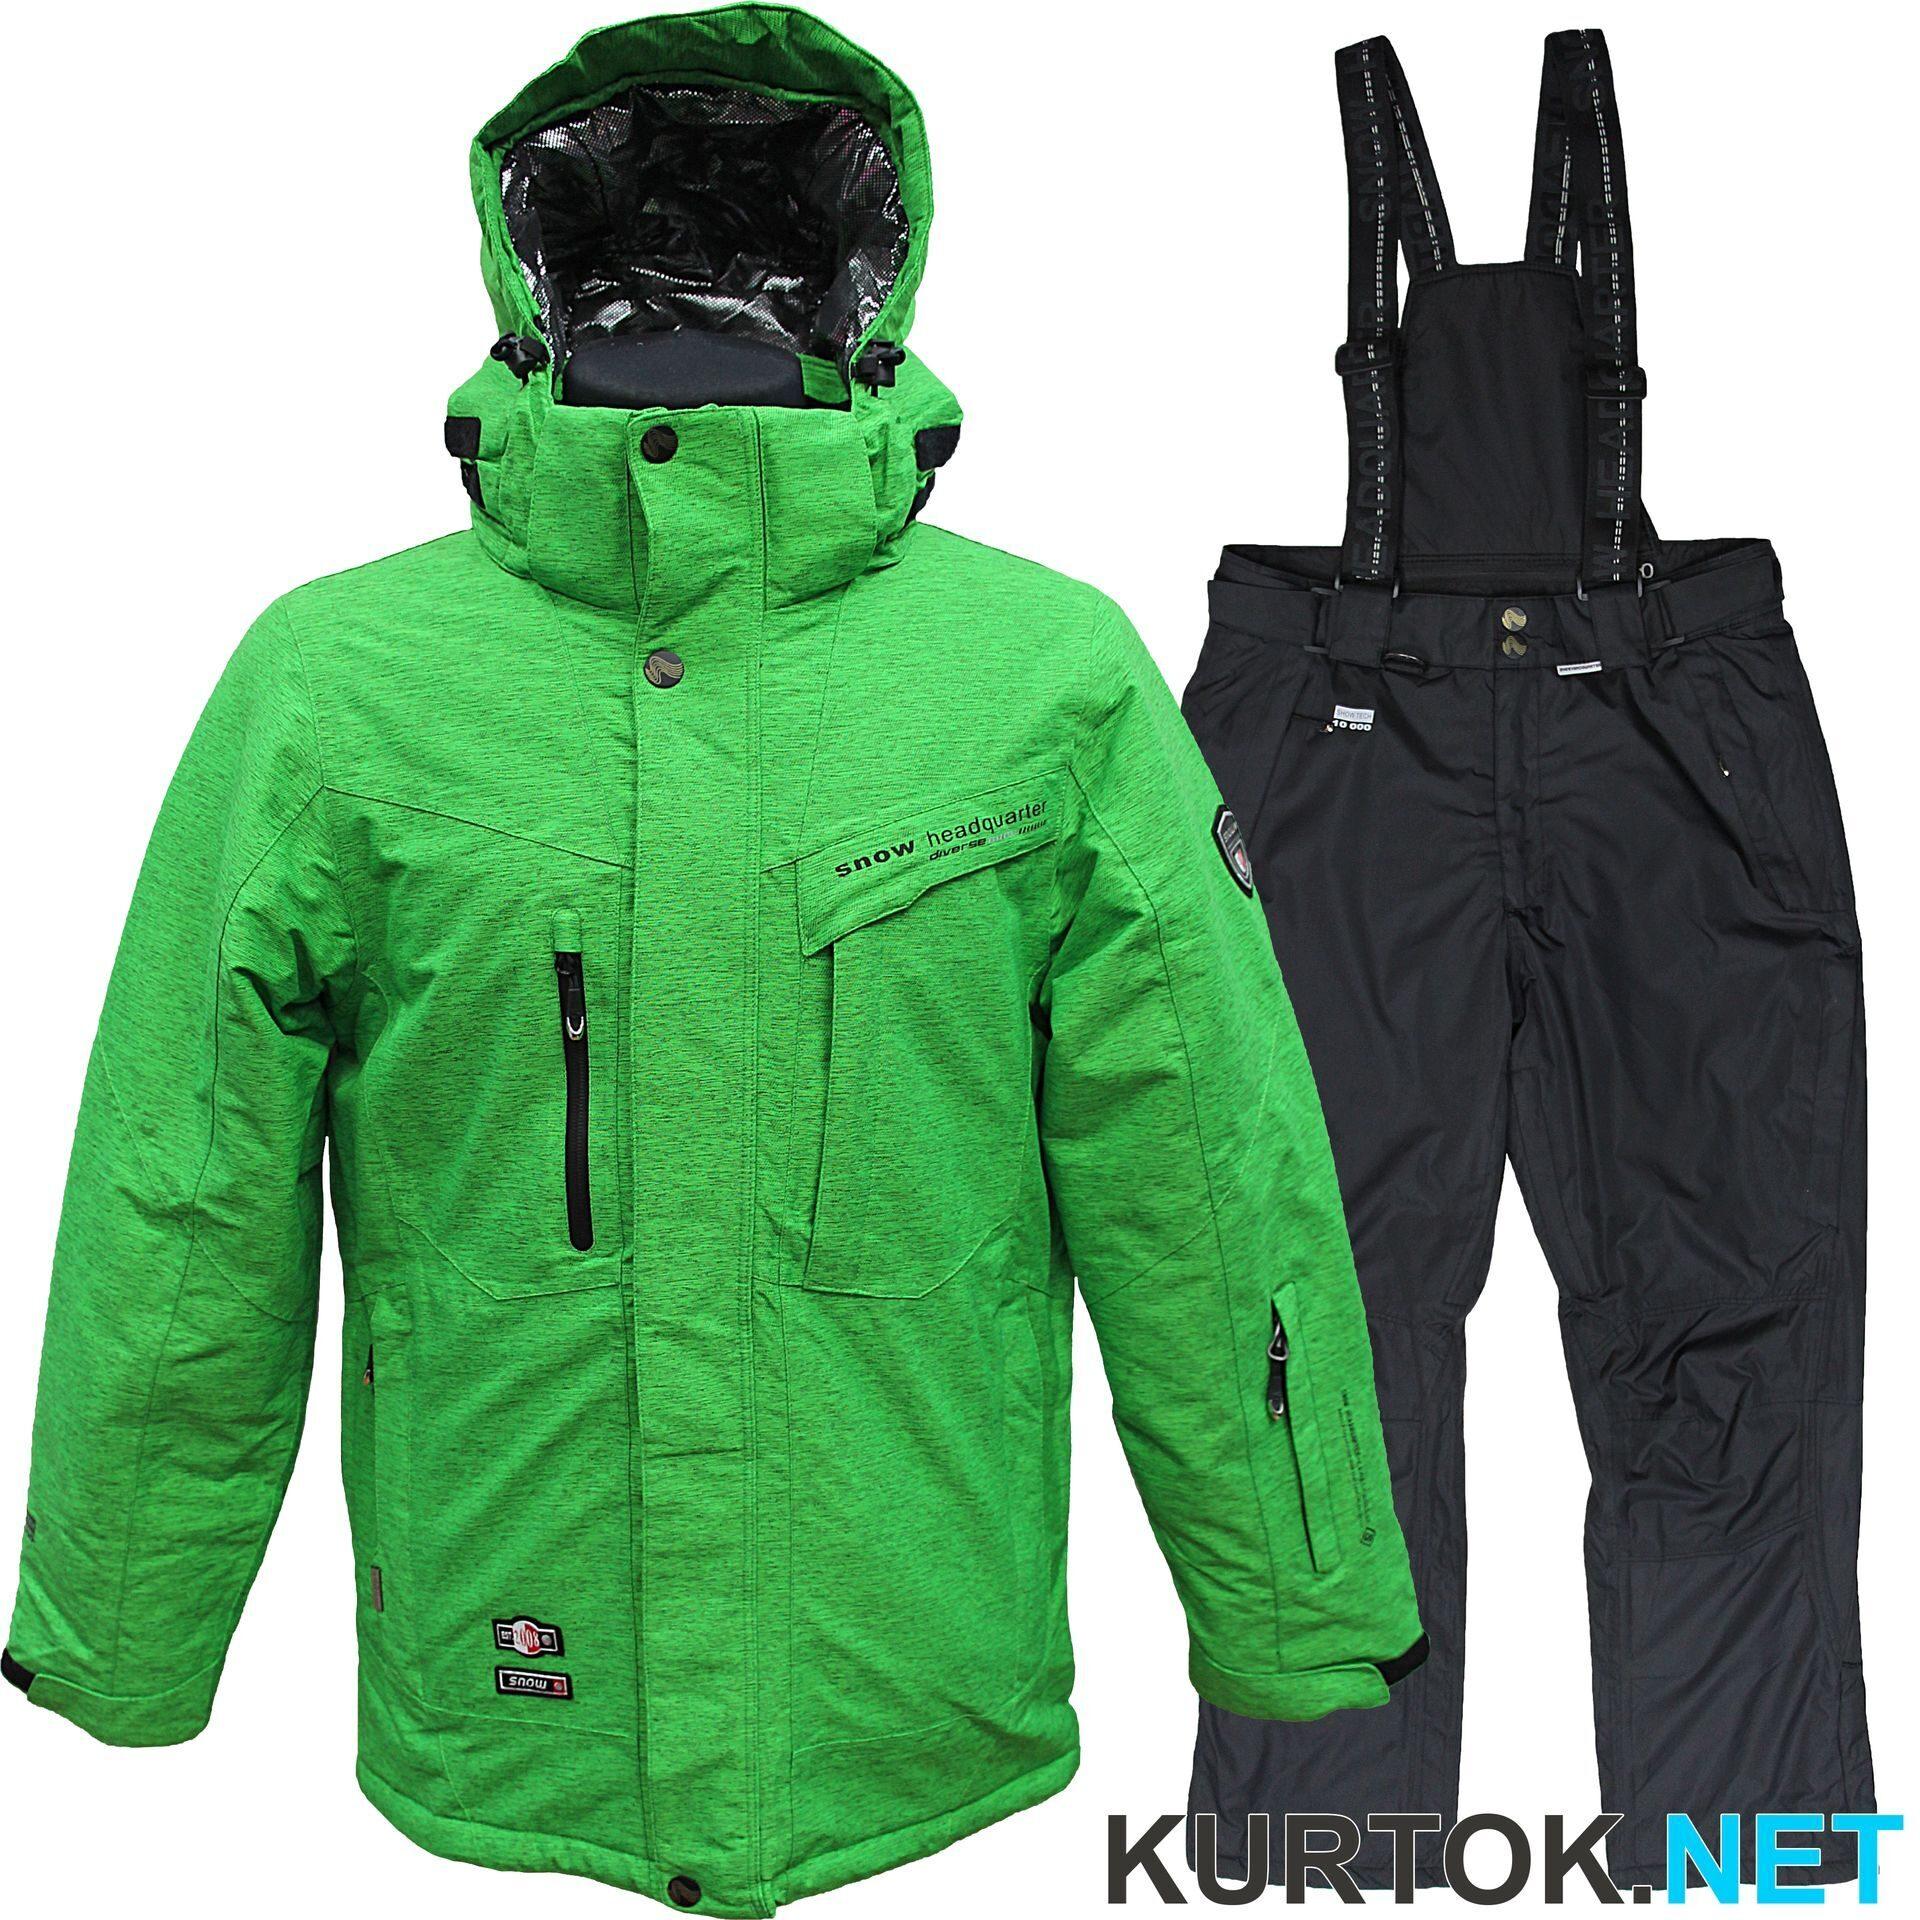 6c18ca3a46064 Костюм горнолыжный мужской (зеленый) Snow Headquarter 9990руб ...